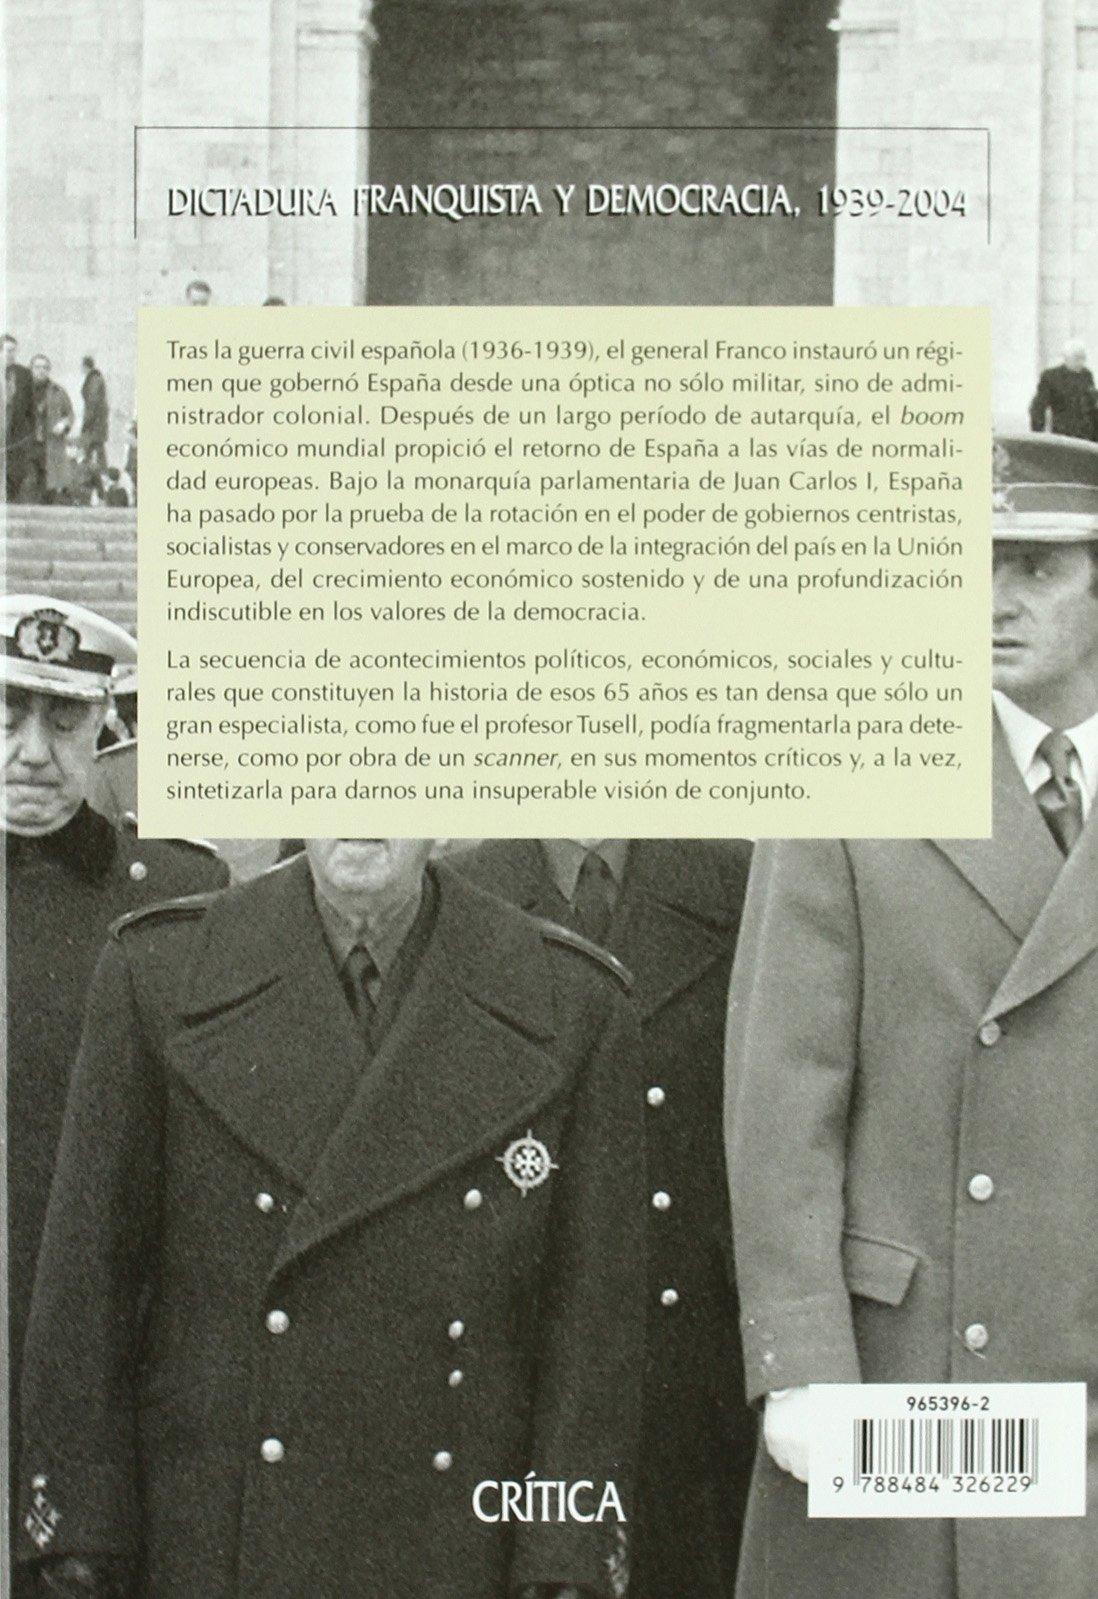 Dictadura franquista y democracia, 1939-2004: Historia de España, vol. XIV Serie Mayor: Amazon.es: Tusell, Javier: Libros